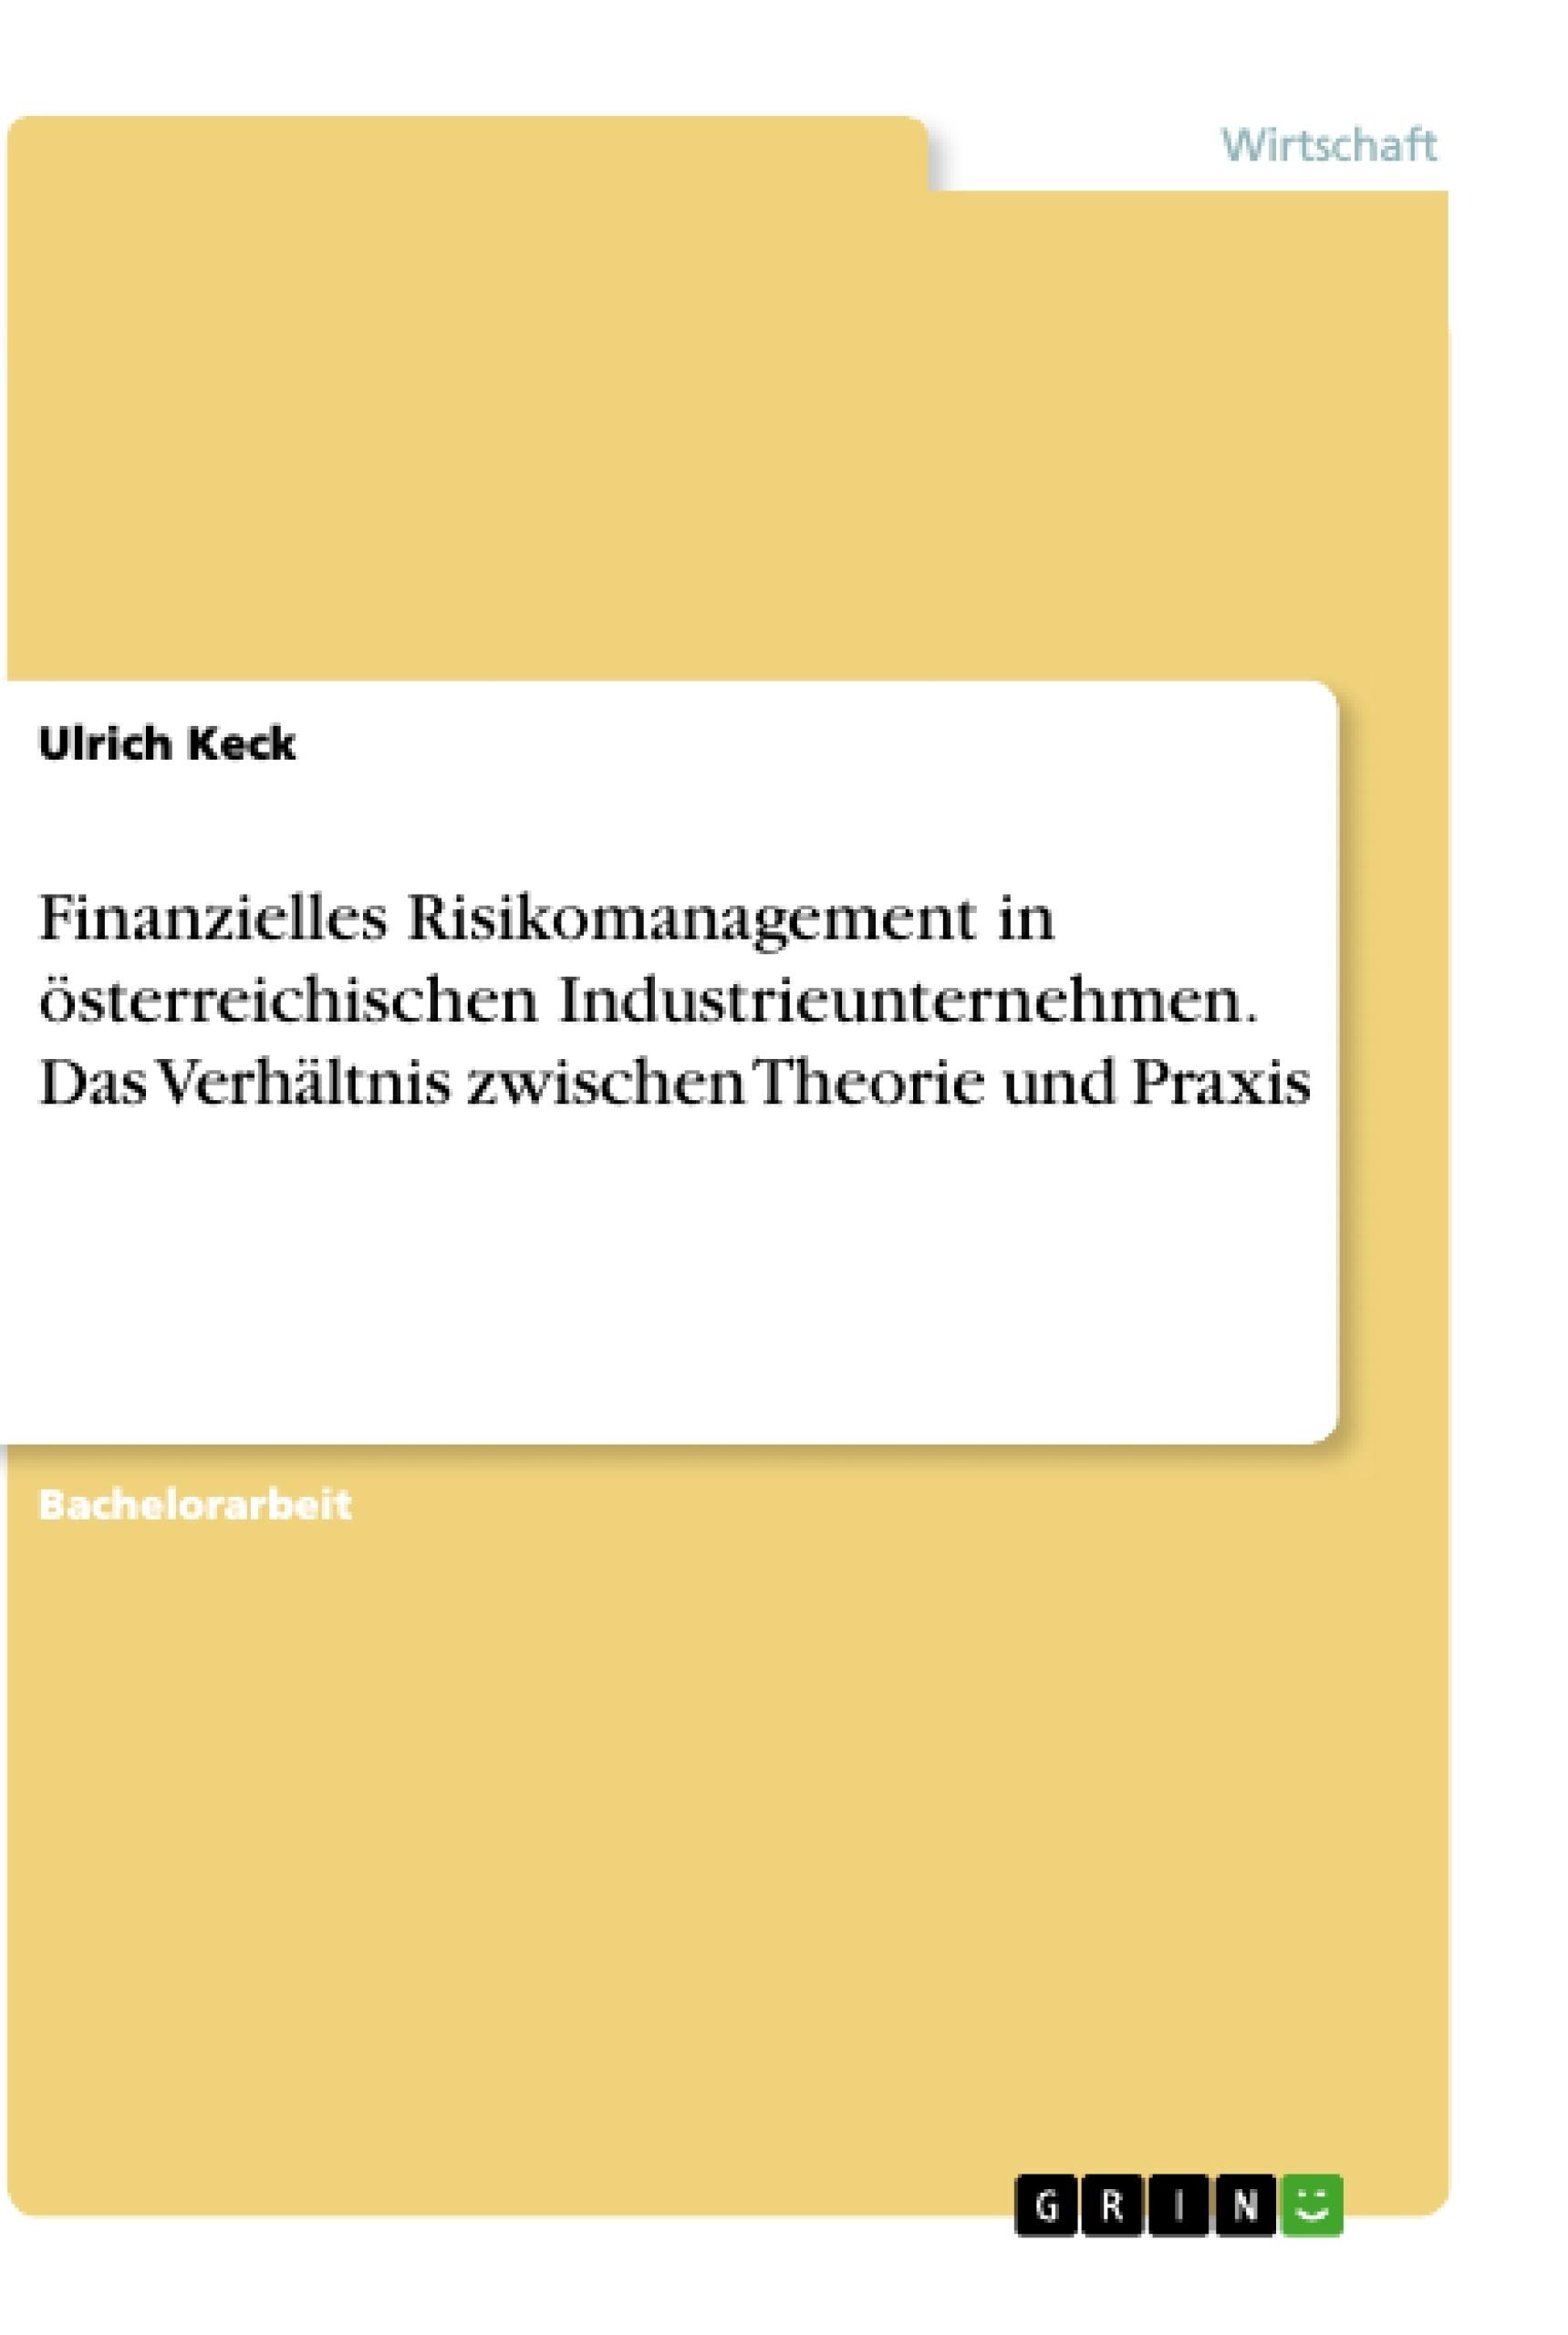 Titel: Finanzielles Risikomanagement in österreichischen Industrieunternehmen. Das Verhältnis zwischen Theorie und Praxis